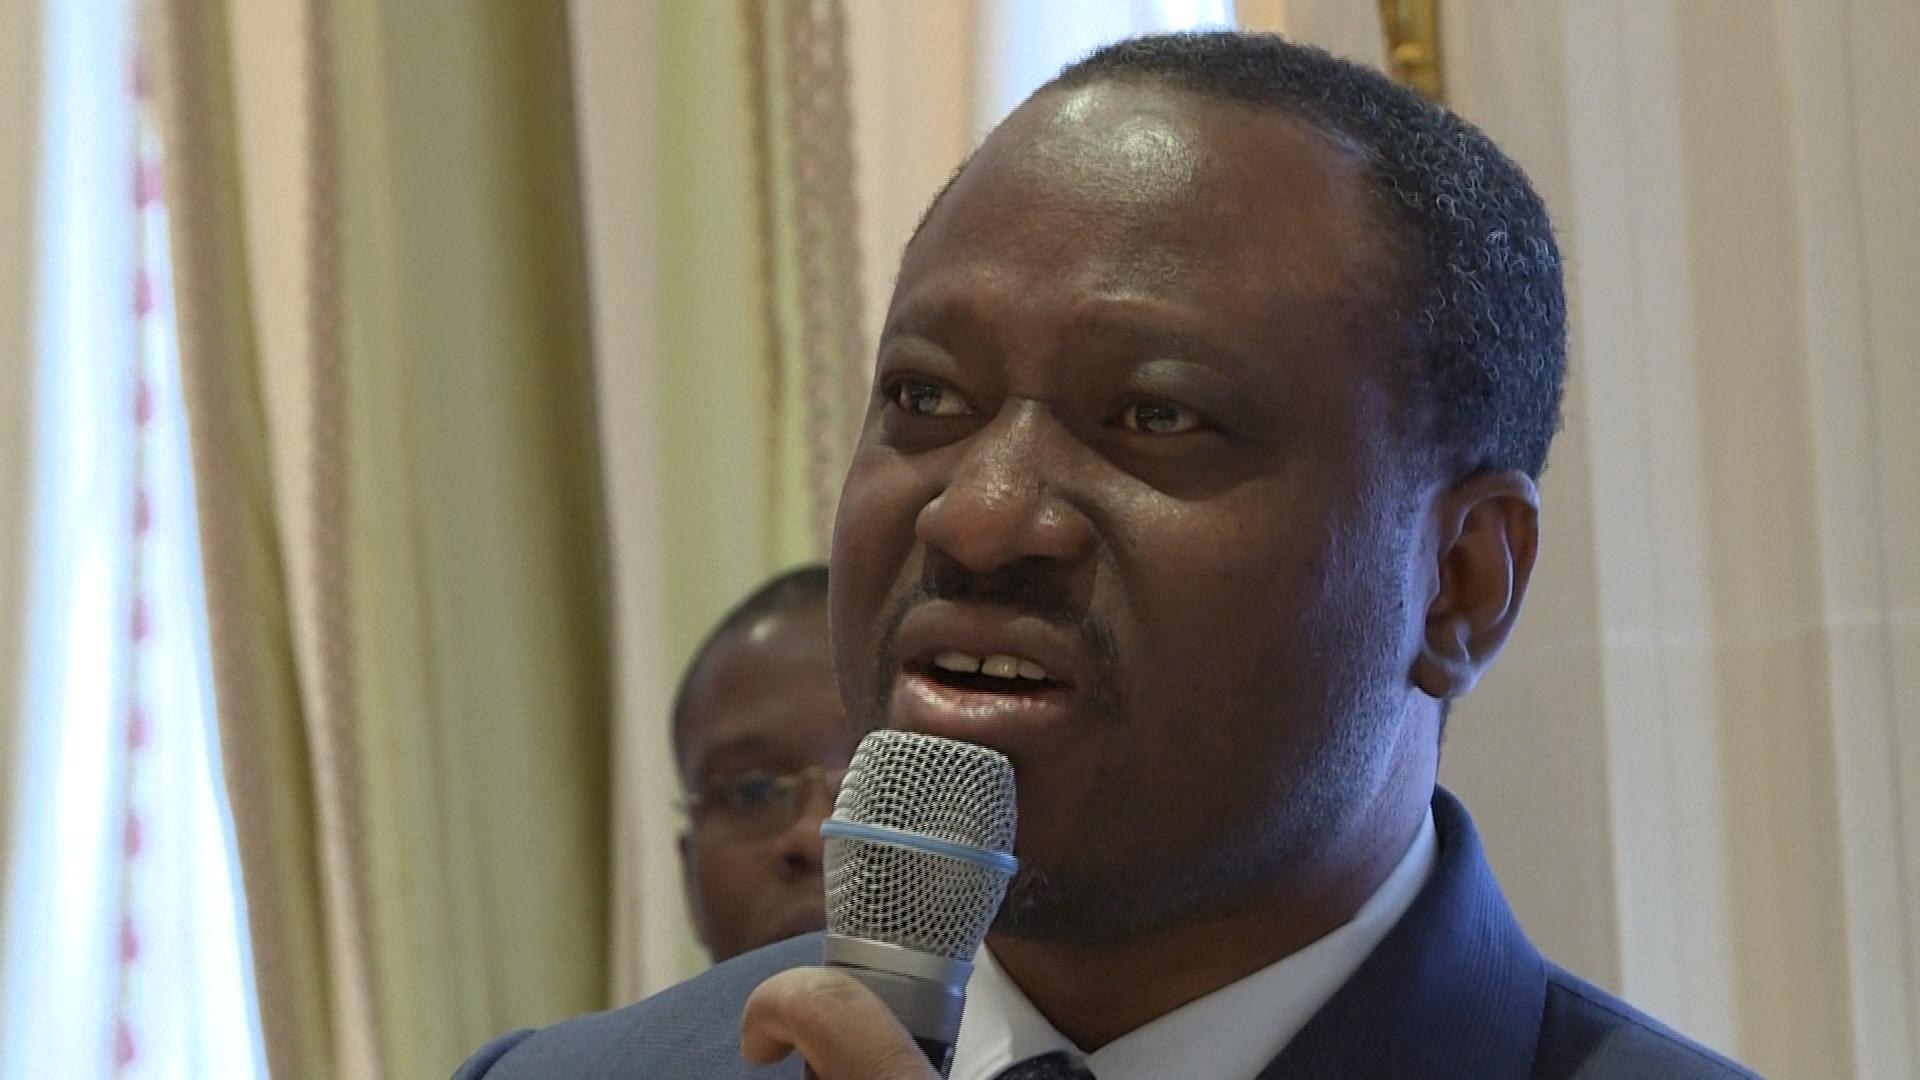 GUILLAUME SORO CANDIDAT A L' ELECTION PRESIDENTIELLE EN COTE D' IVOIRE_VIDI1OI6O9_FR_ARC